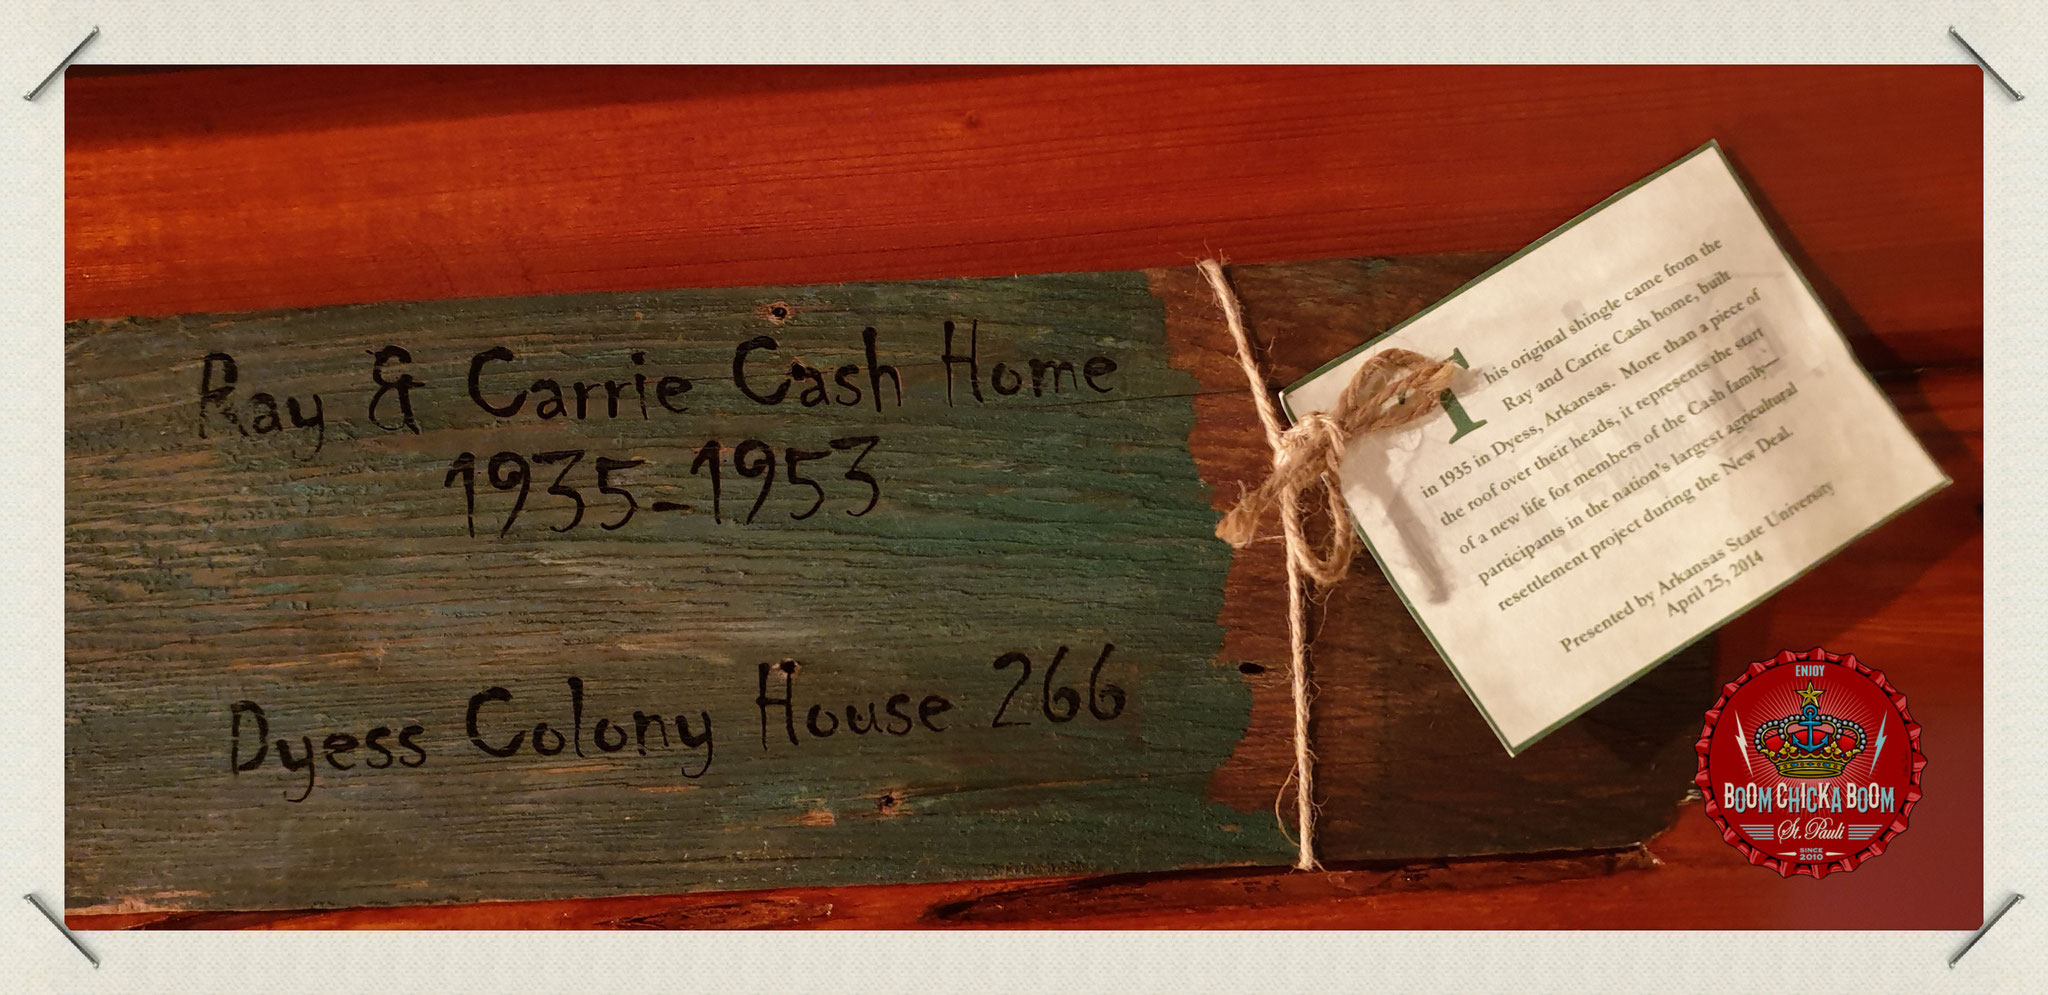 Die Hauszuweisung der Familie Cash aus Dyess 1935